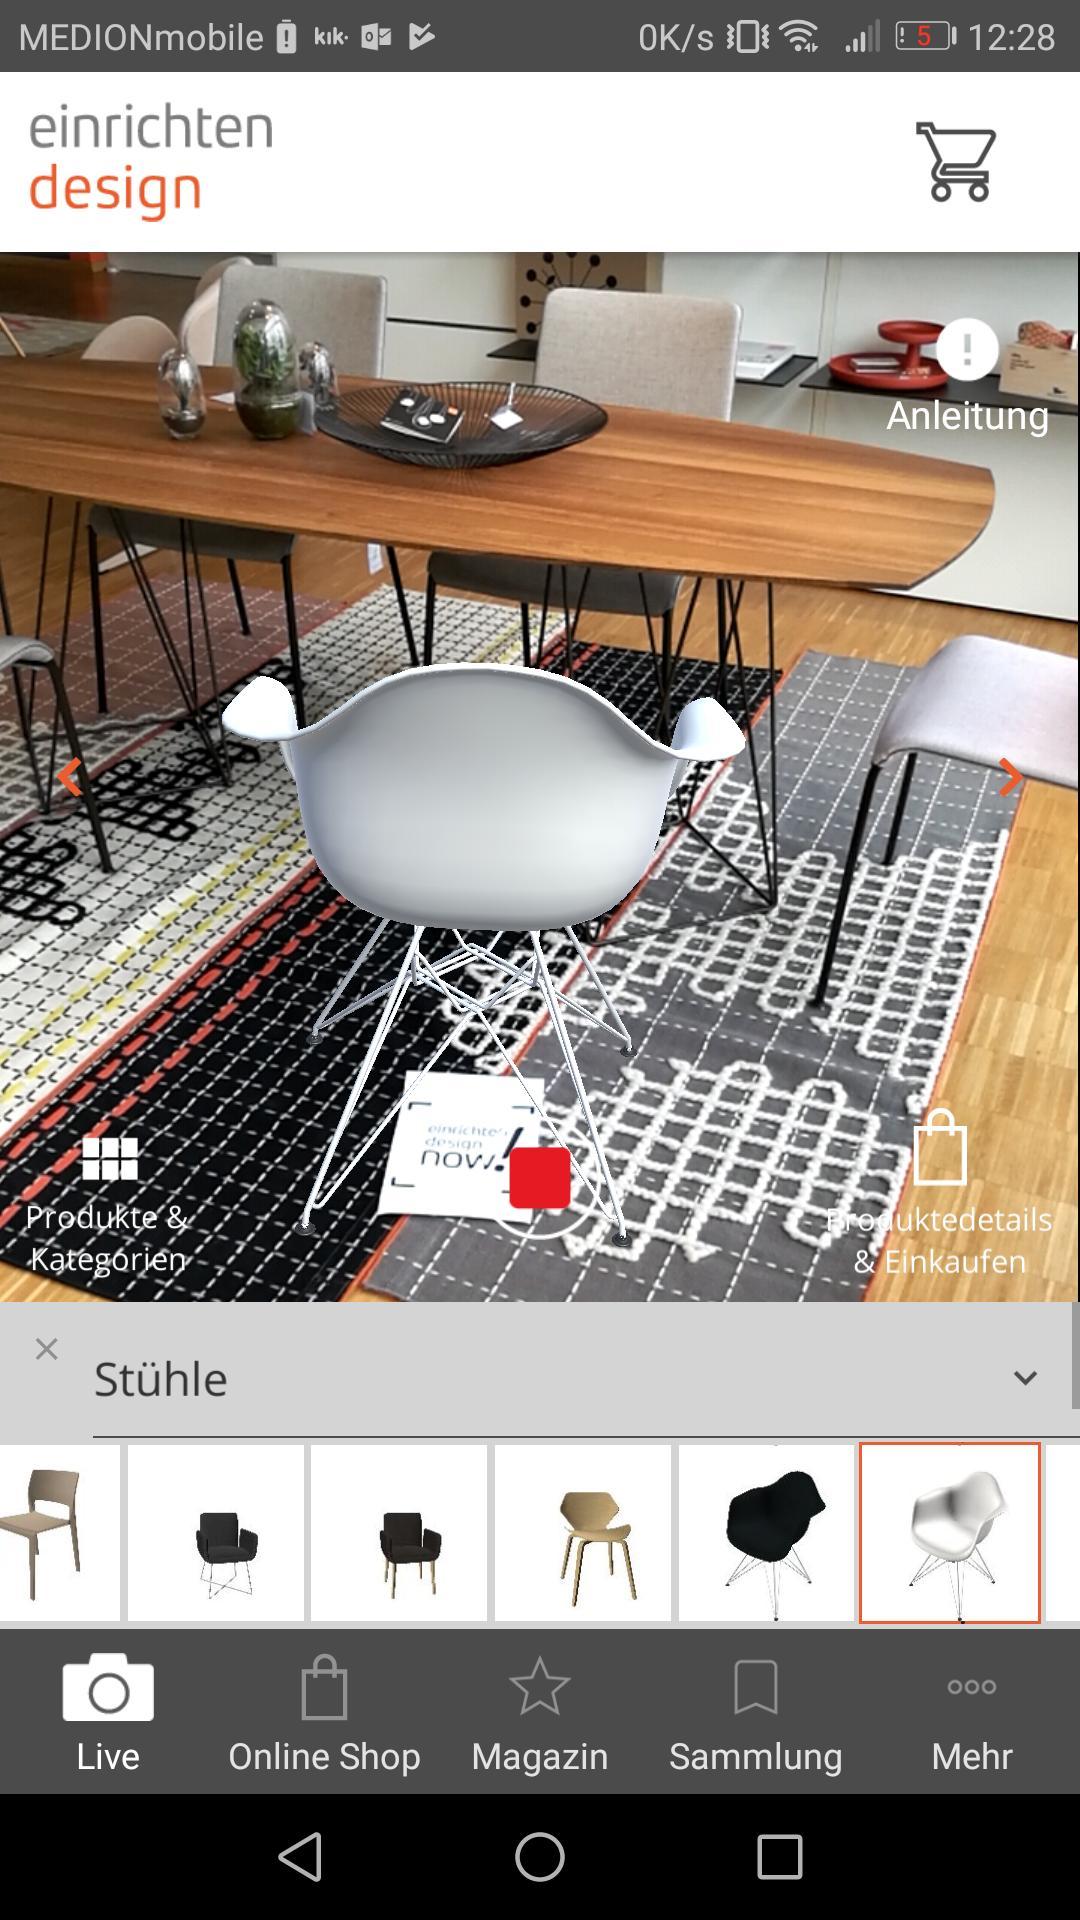 einrichten-design Einrichtungs-App for Android - APK Download